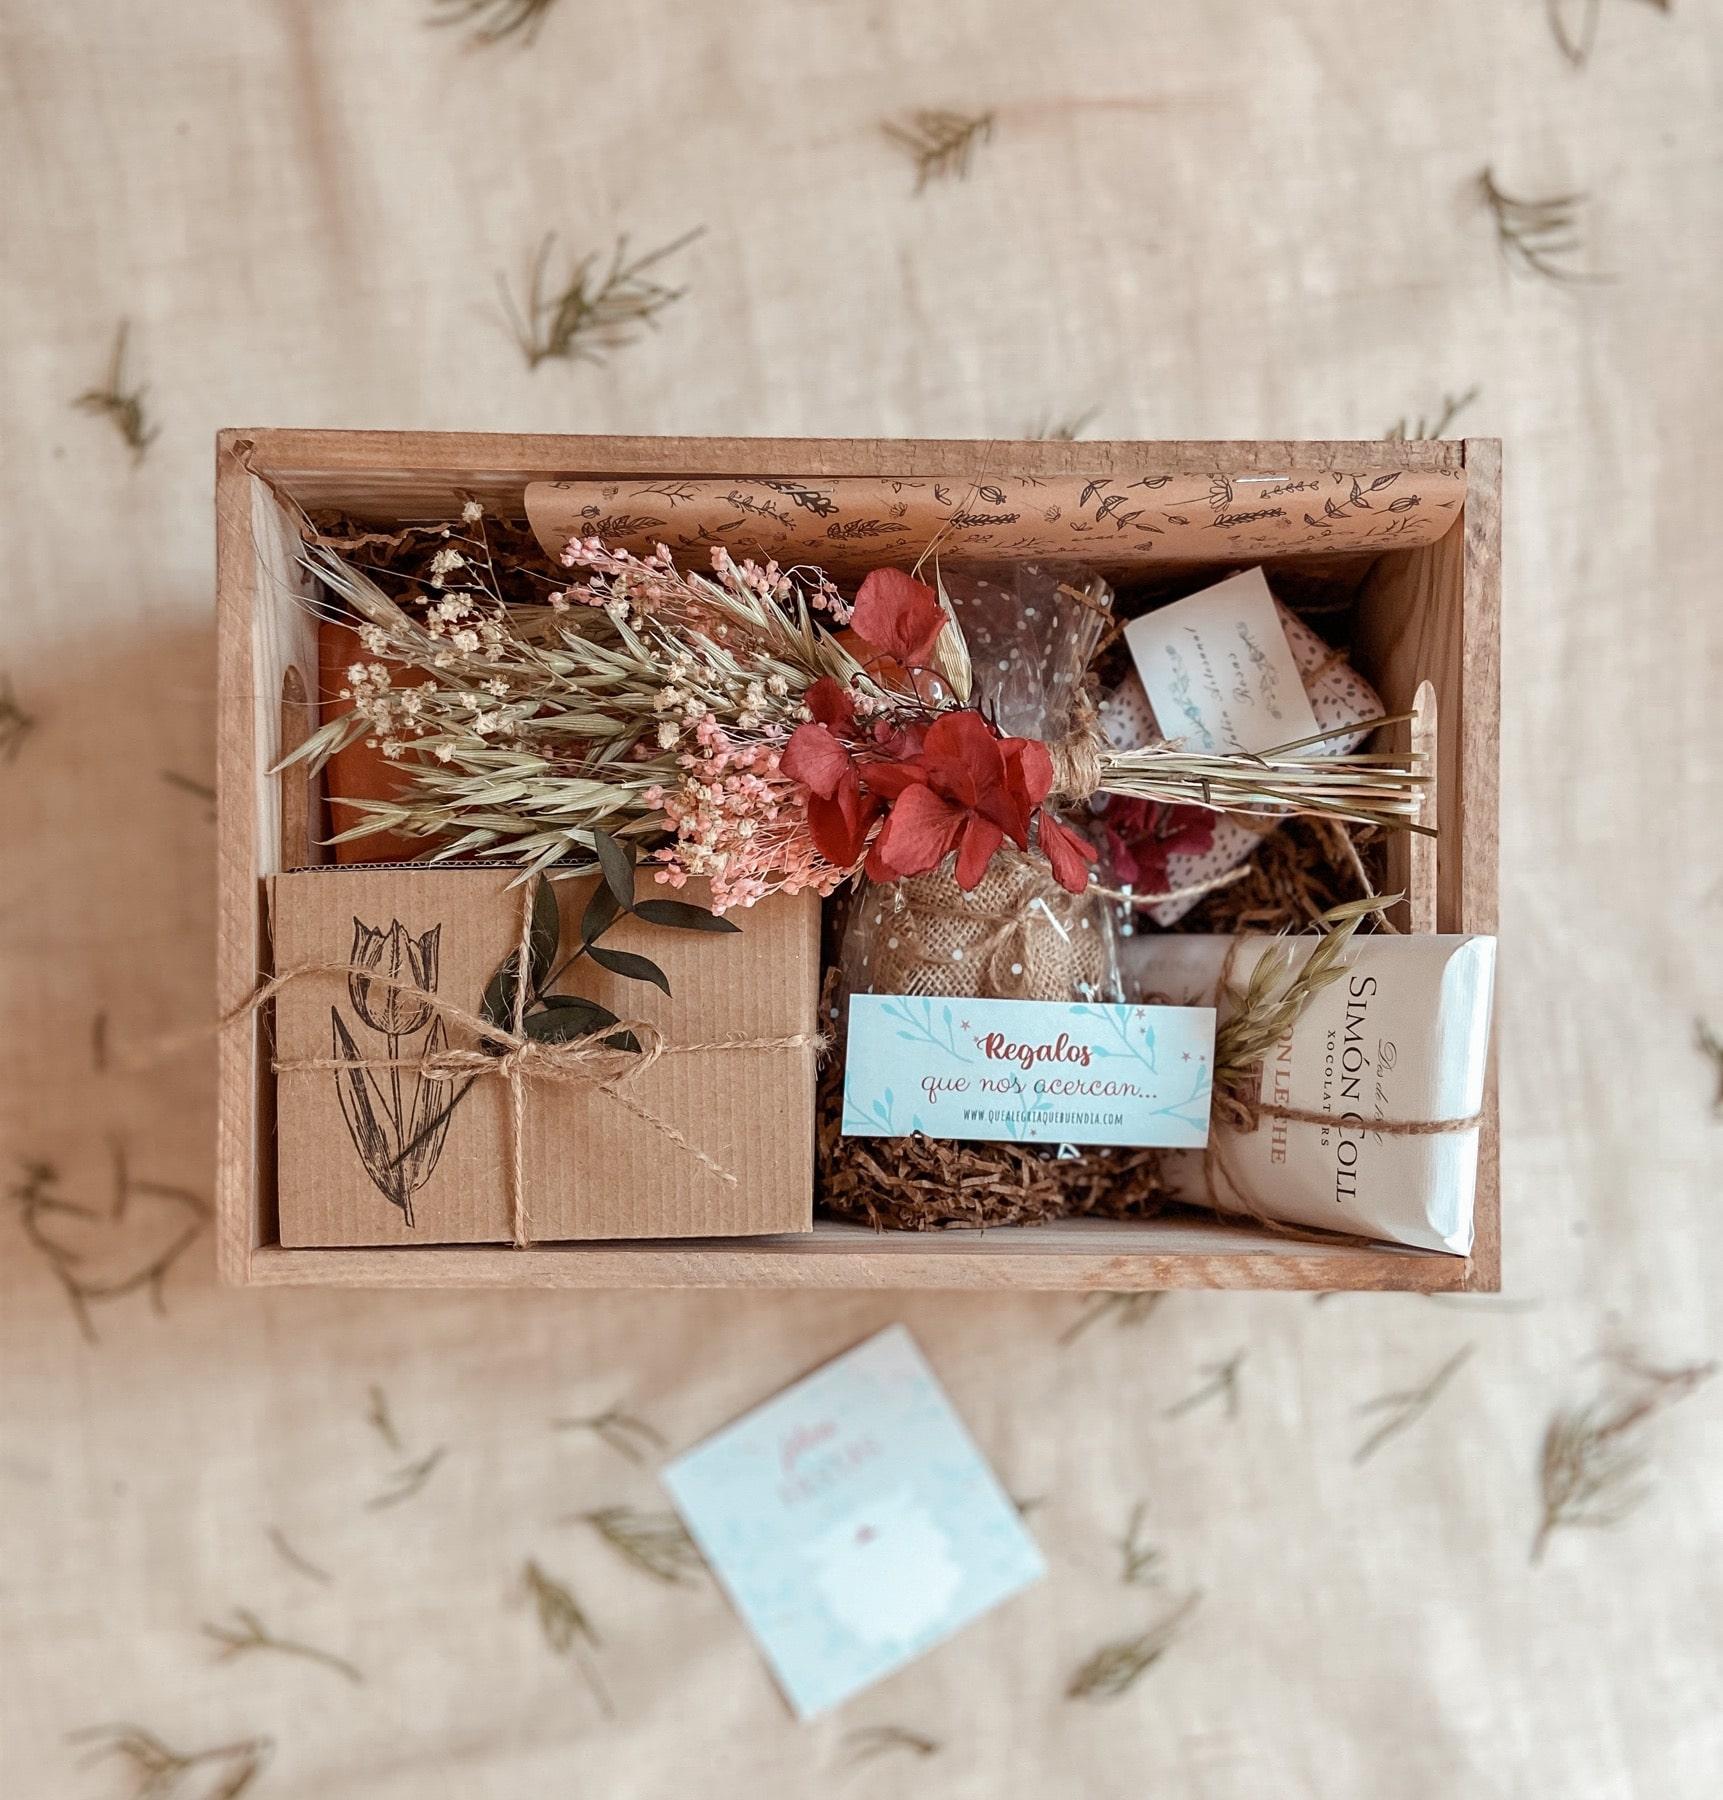 Estas navidades haz regalos que nos acerquen _ Pack regalo persona especial 2